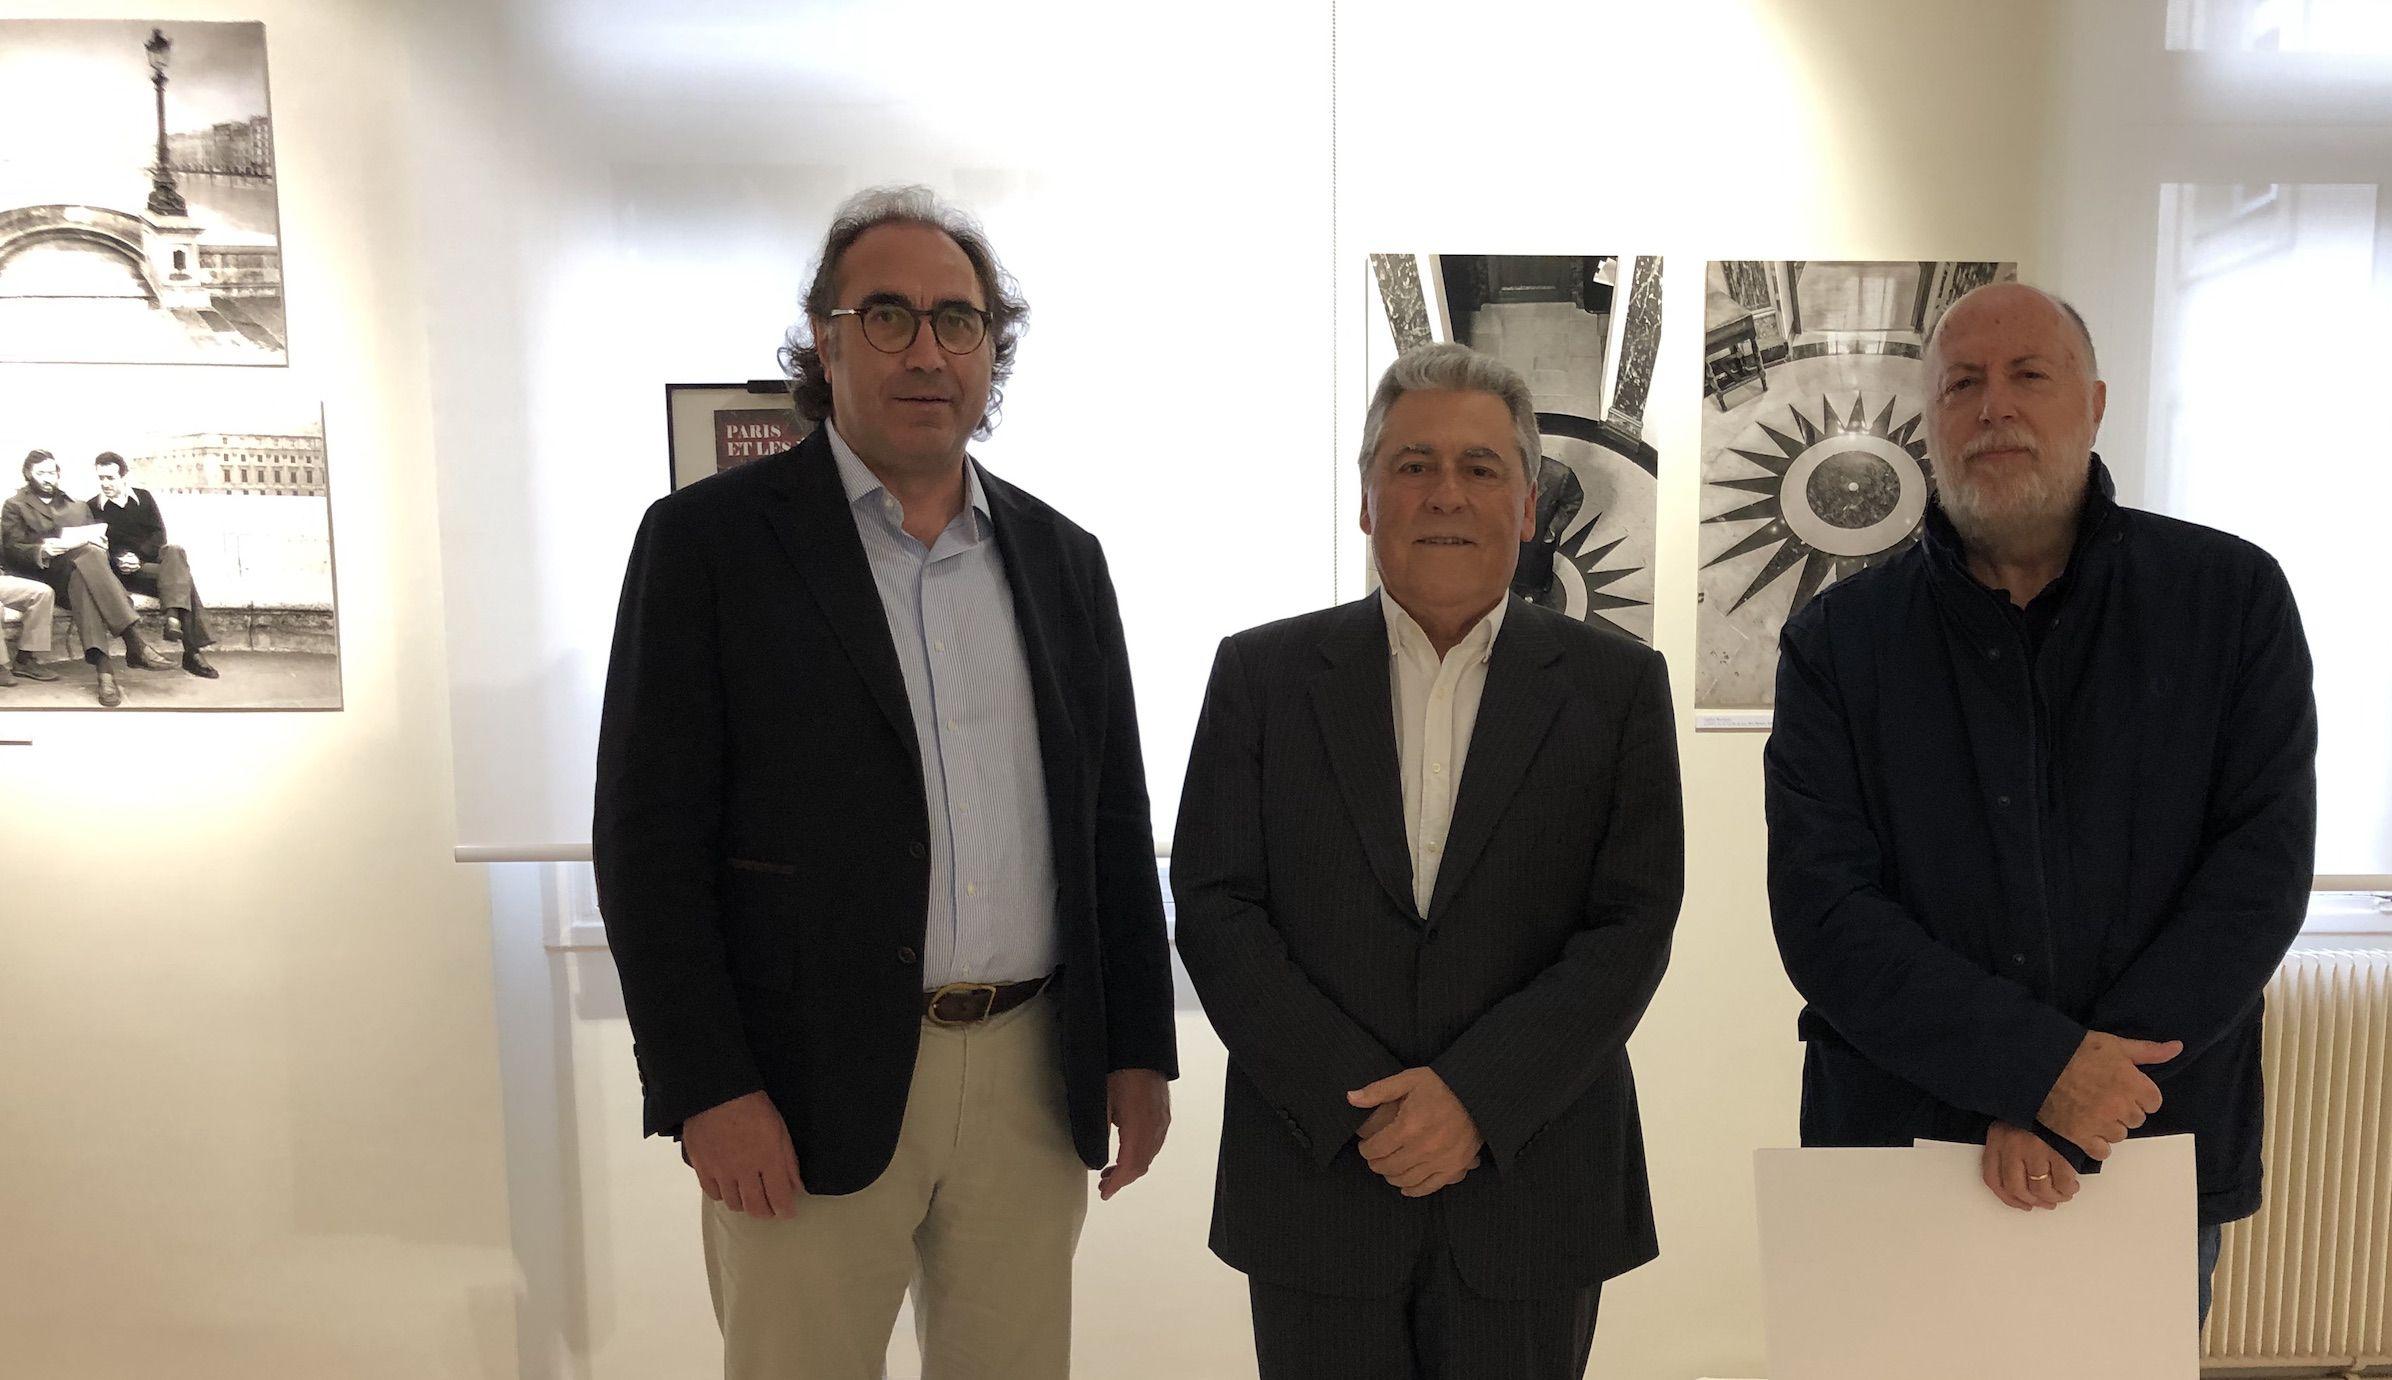 Los profesores de la CEU UCH, con Justo Zambrano, director del Colegio de España en París.